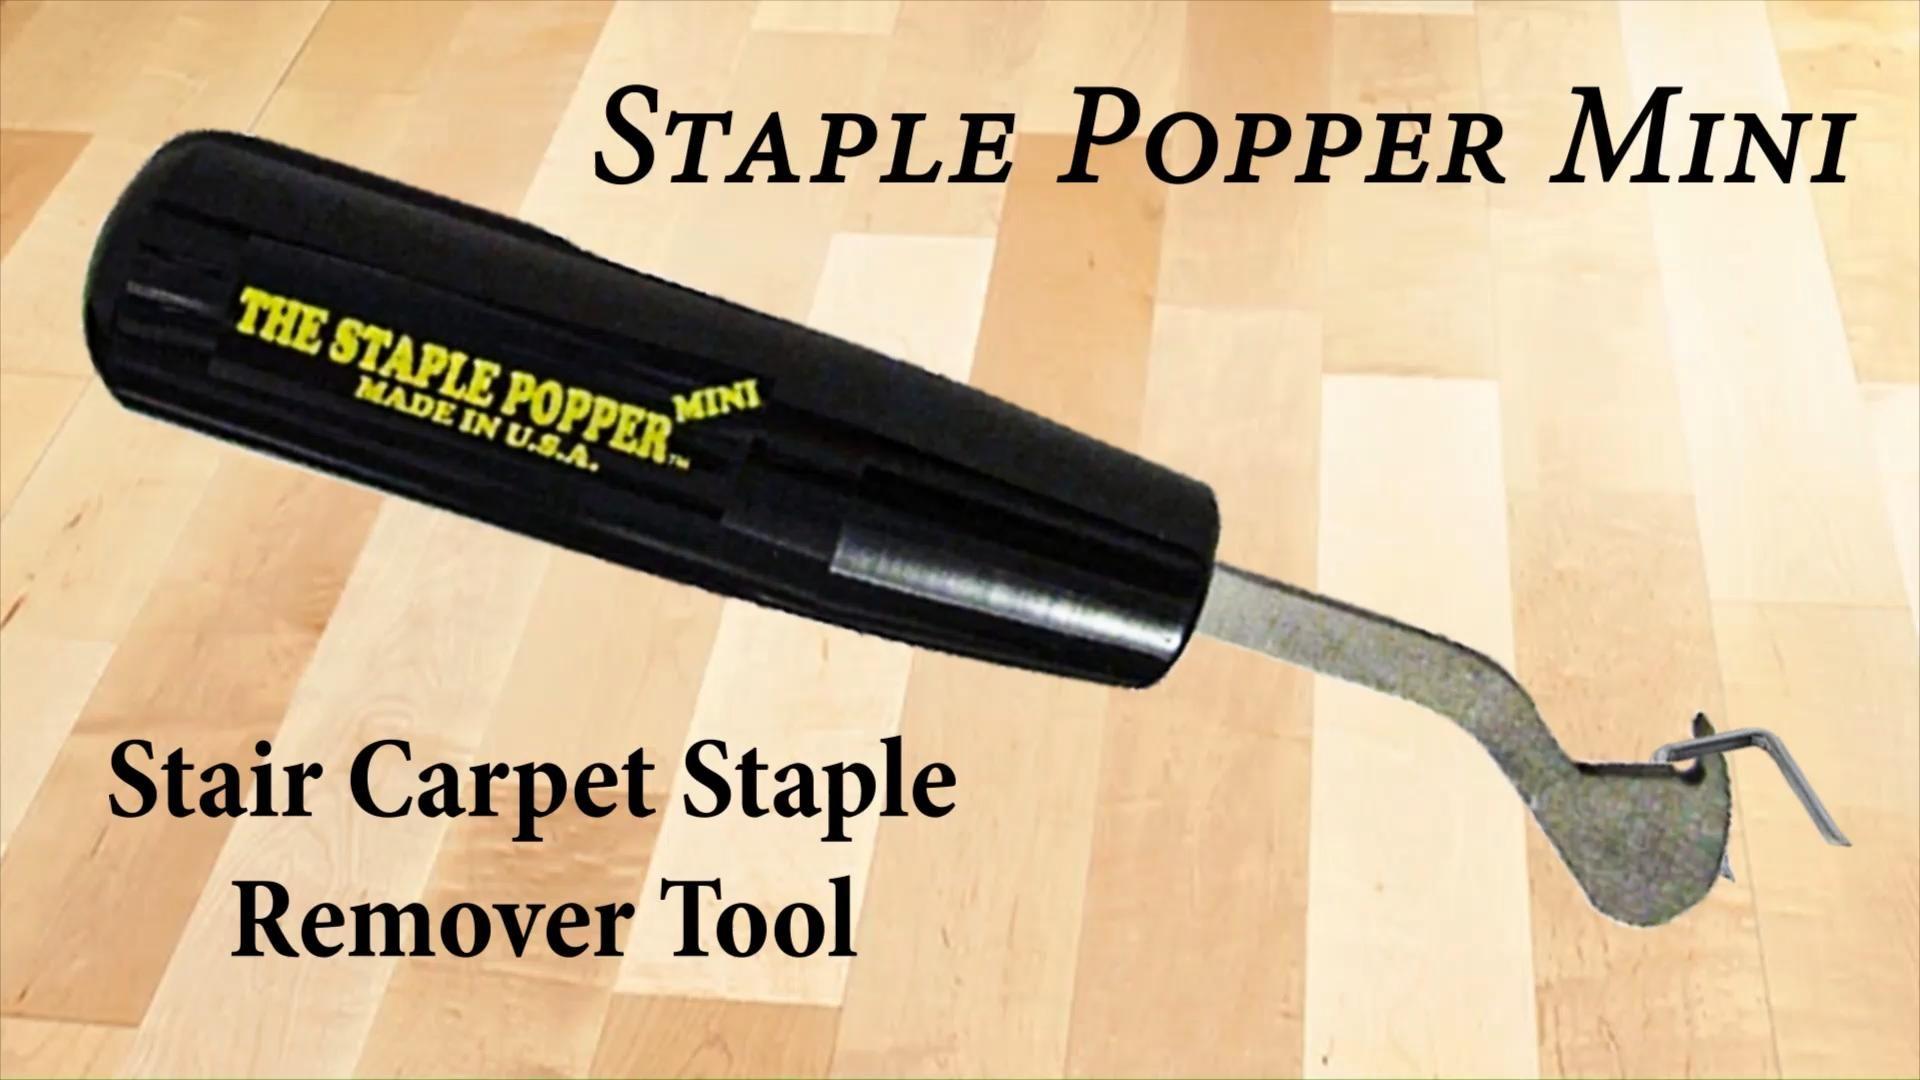 The Staple Popper Mini Stair Carpet Staple Remover Tool